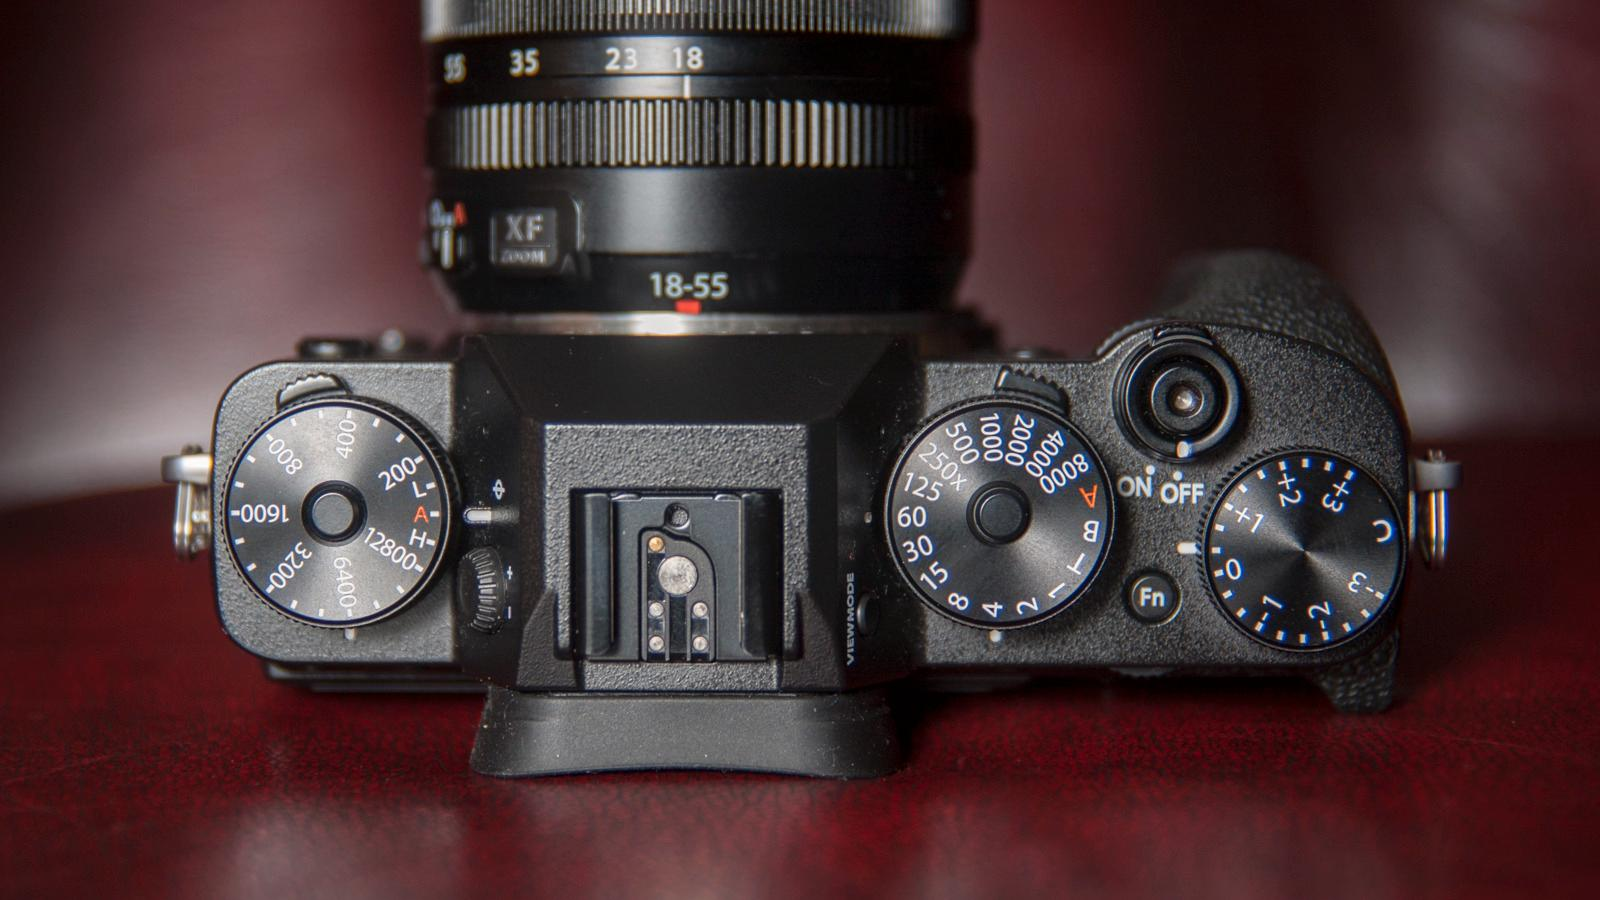 Fujifilms retrobetjening krever litt mer av fotografen, men er ypperlig når du mestrer den.